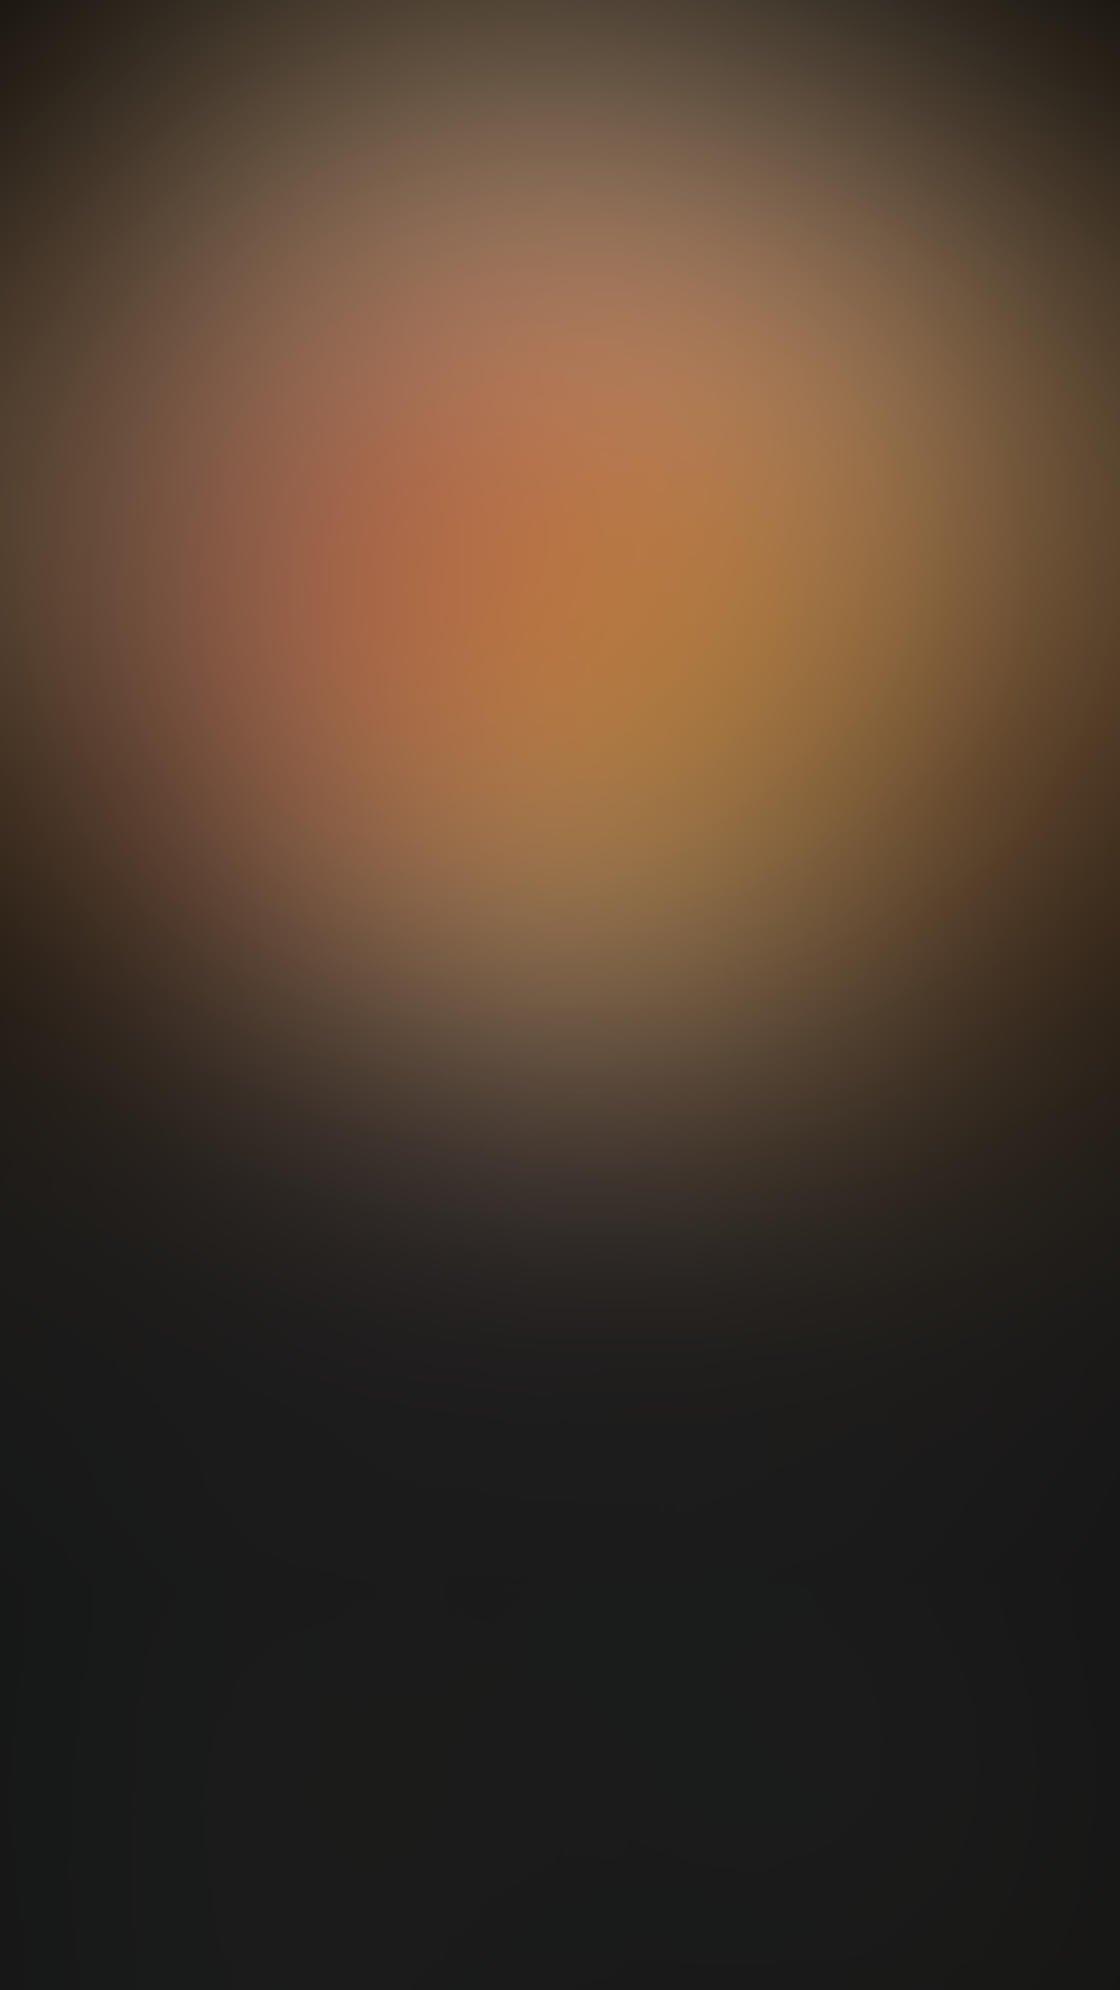 MaxCurve iPhone Photo App 8